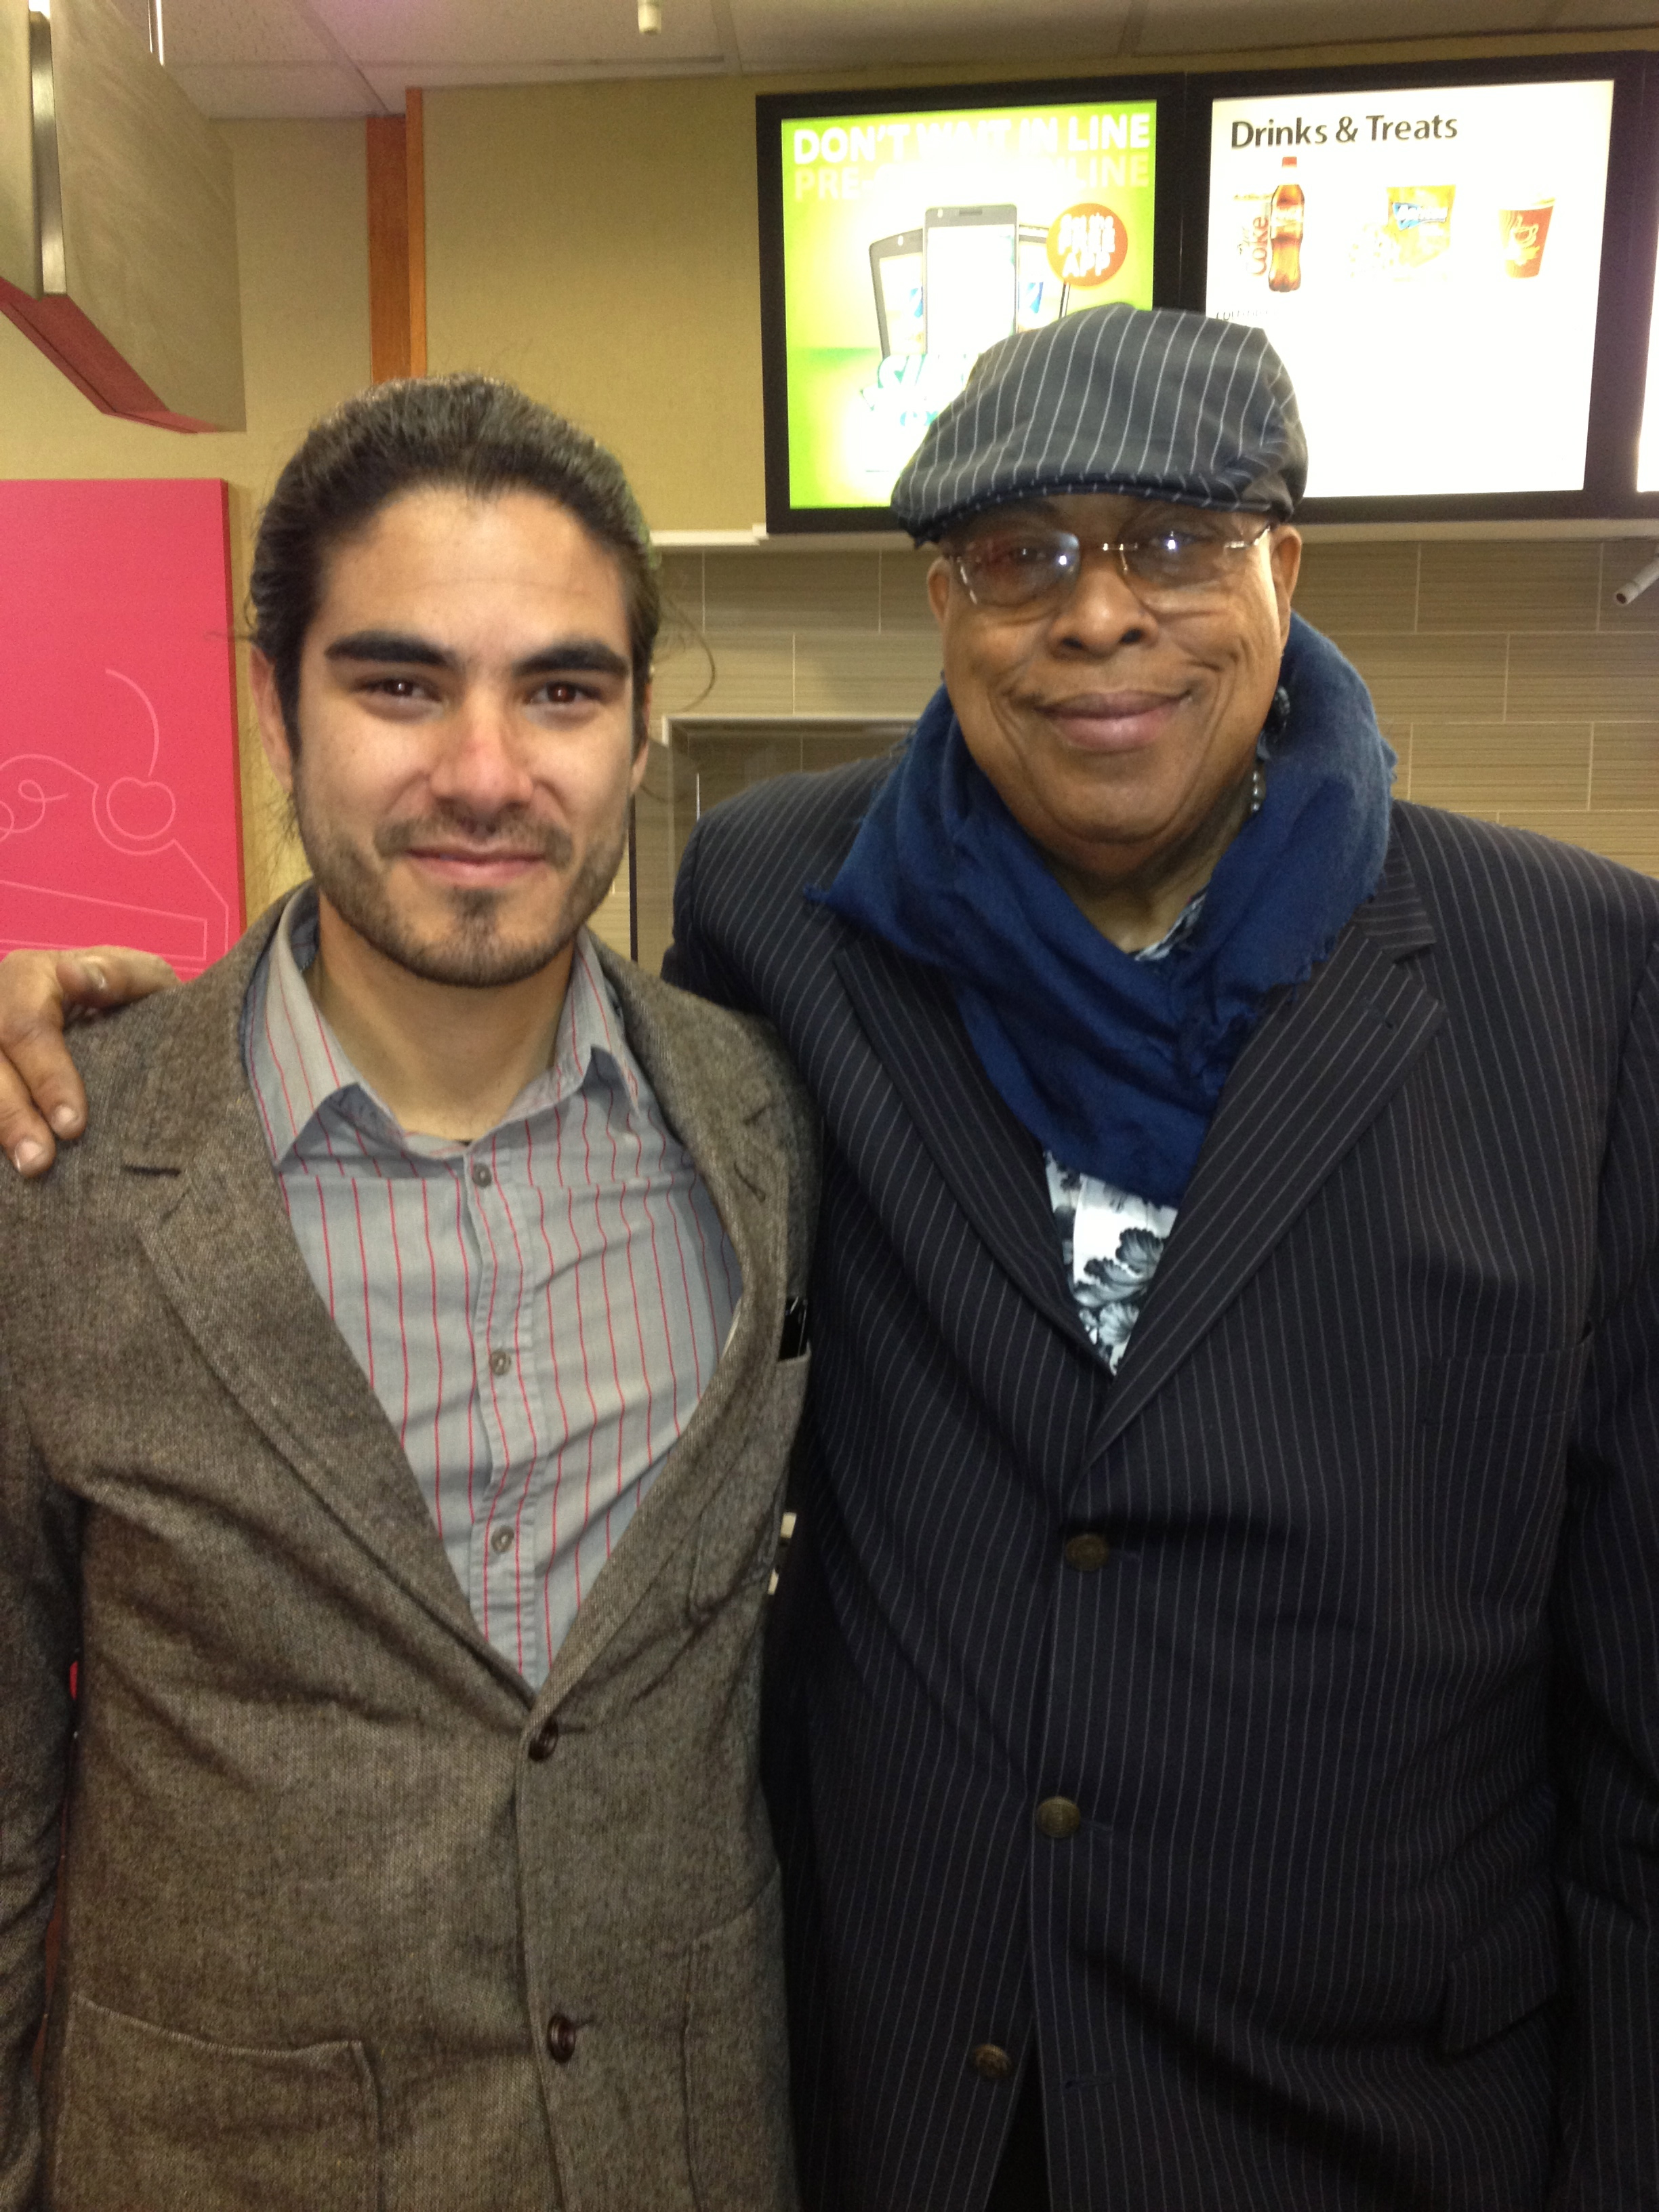 With Chucho valdes